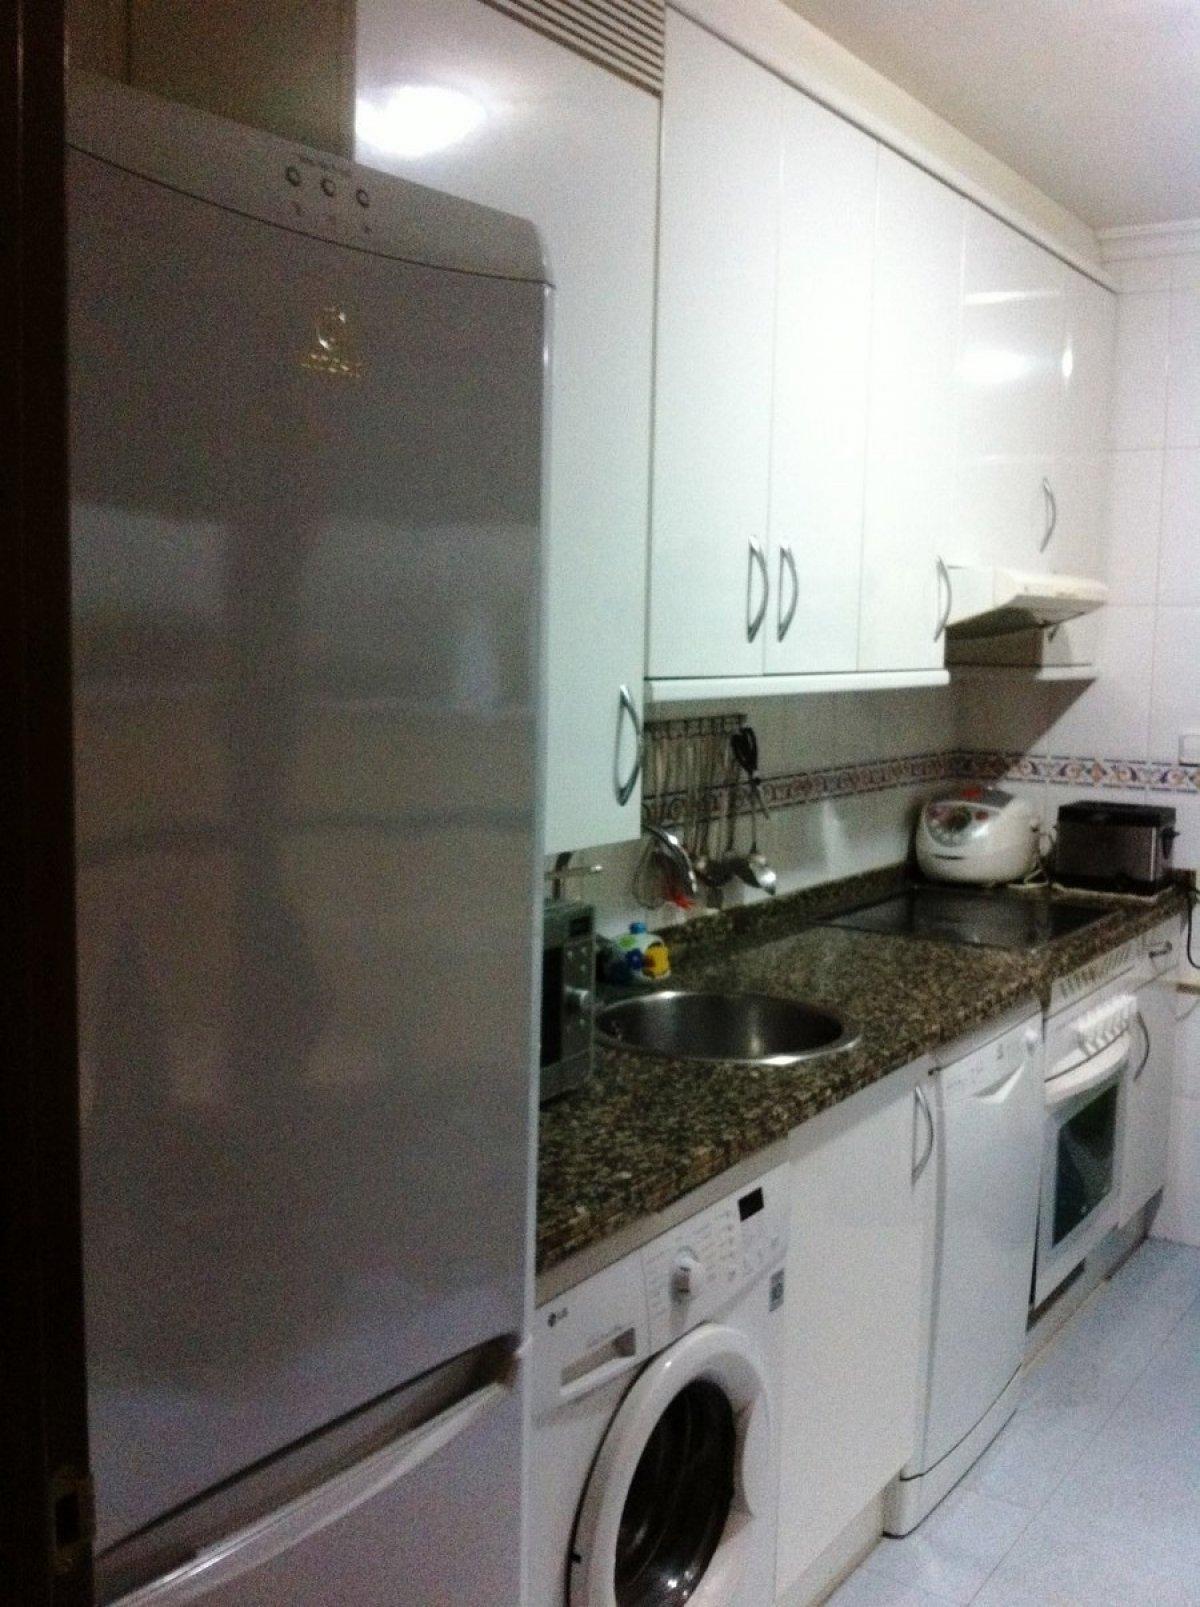 Venta de apartamento entre el huca y el campus del milán - imagenInmueble4